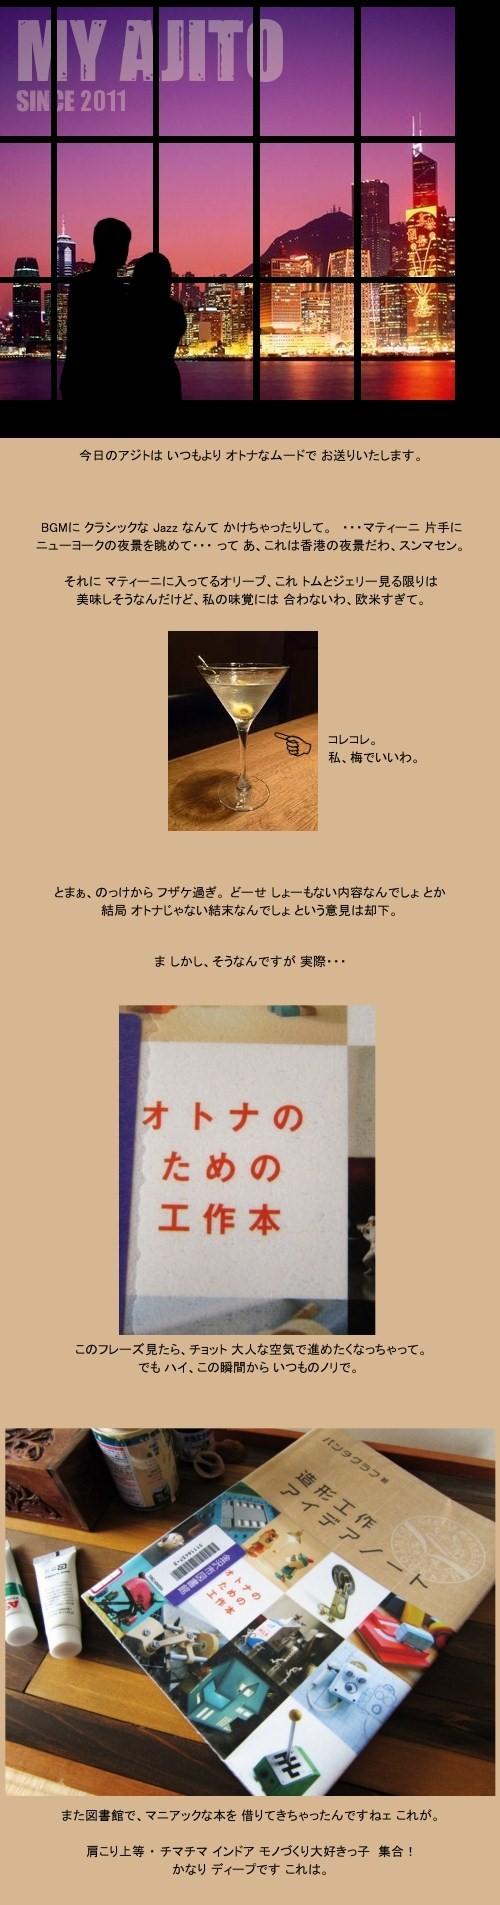 zoukei_1.jpg